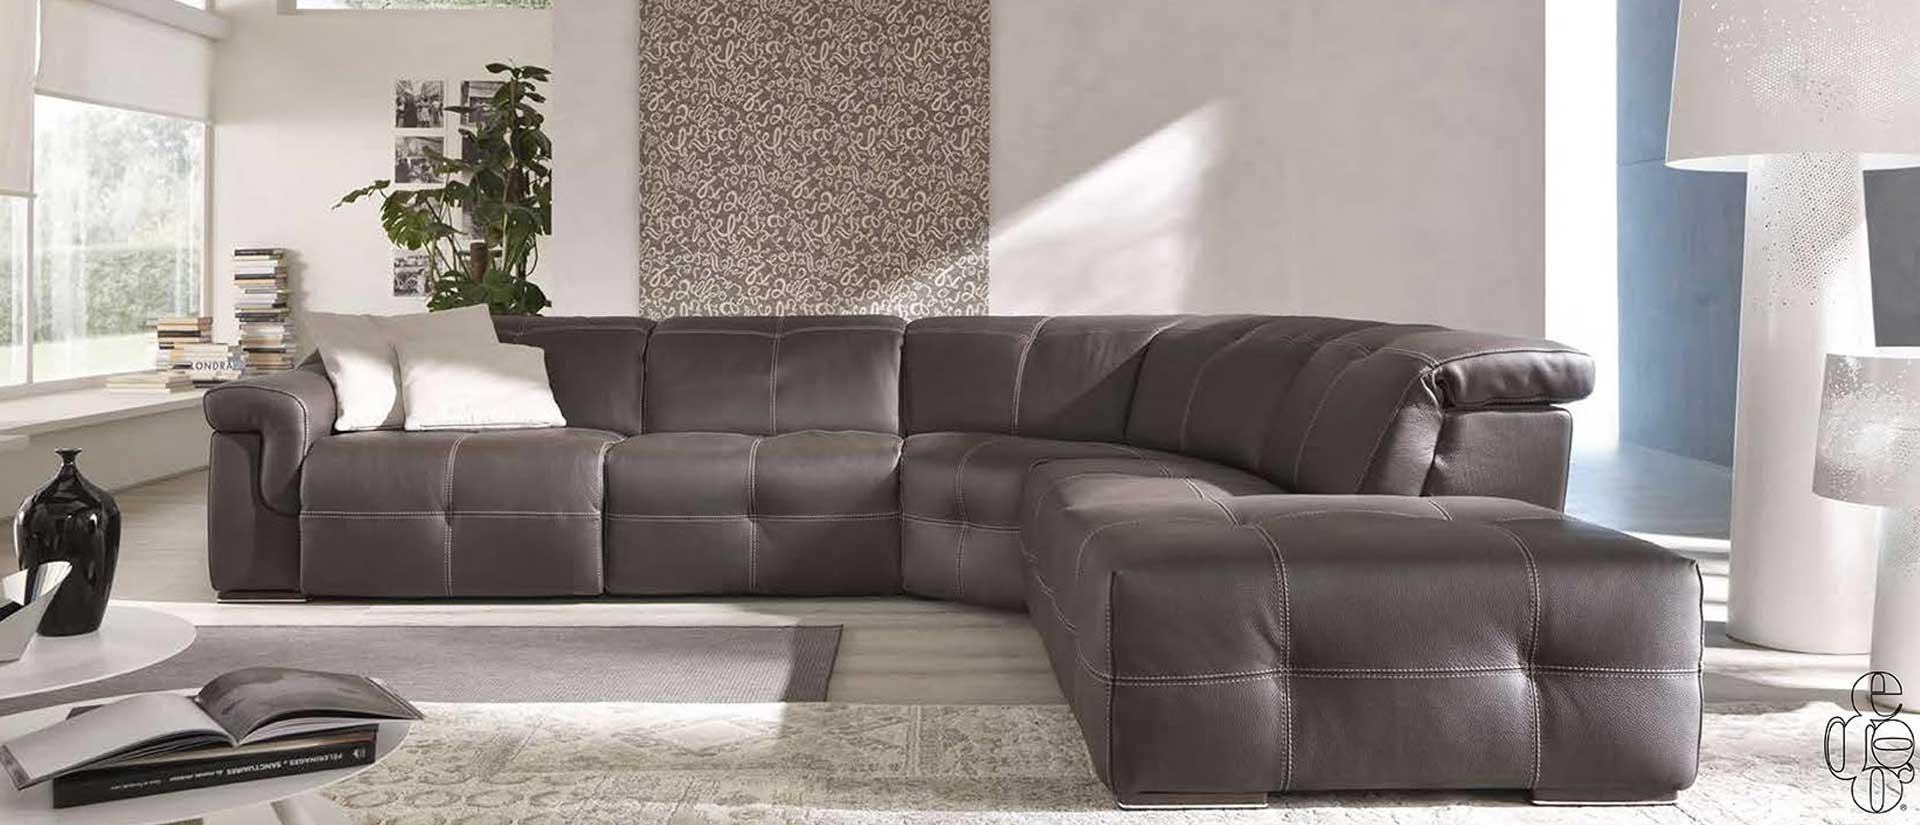 divano-aiko